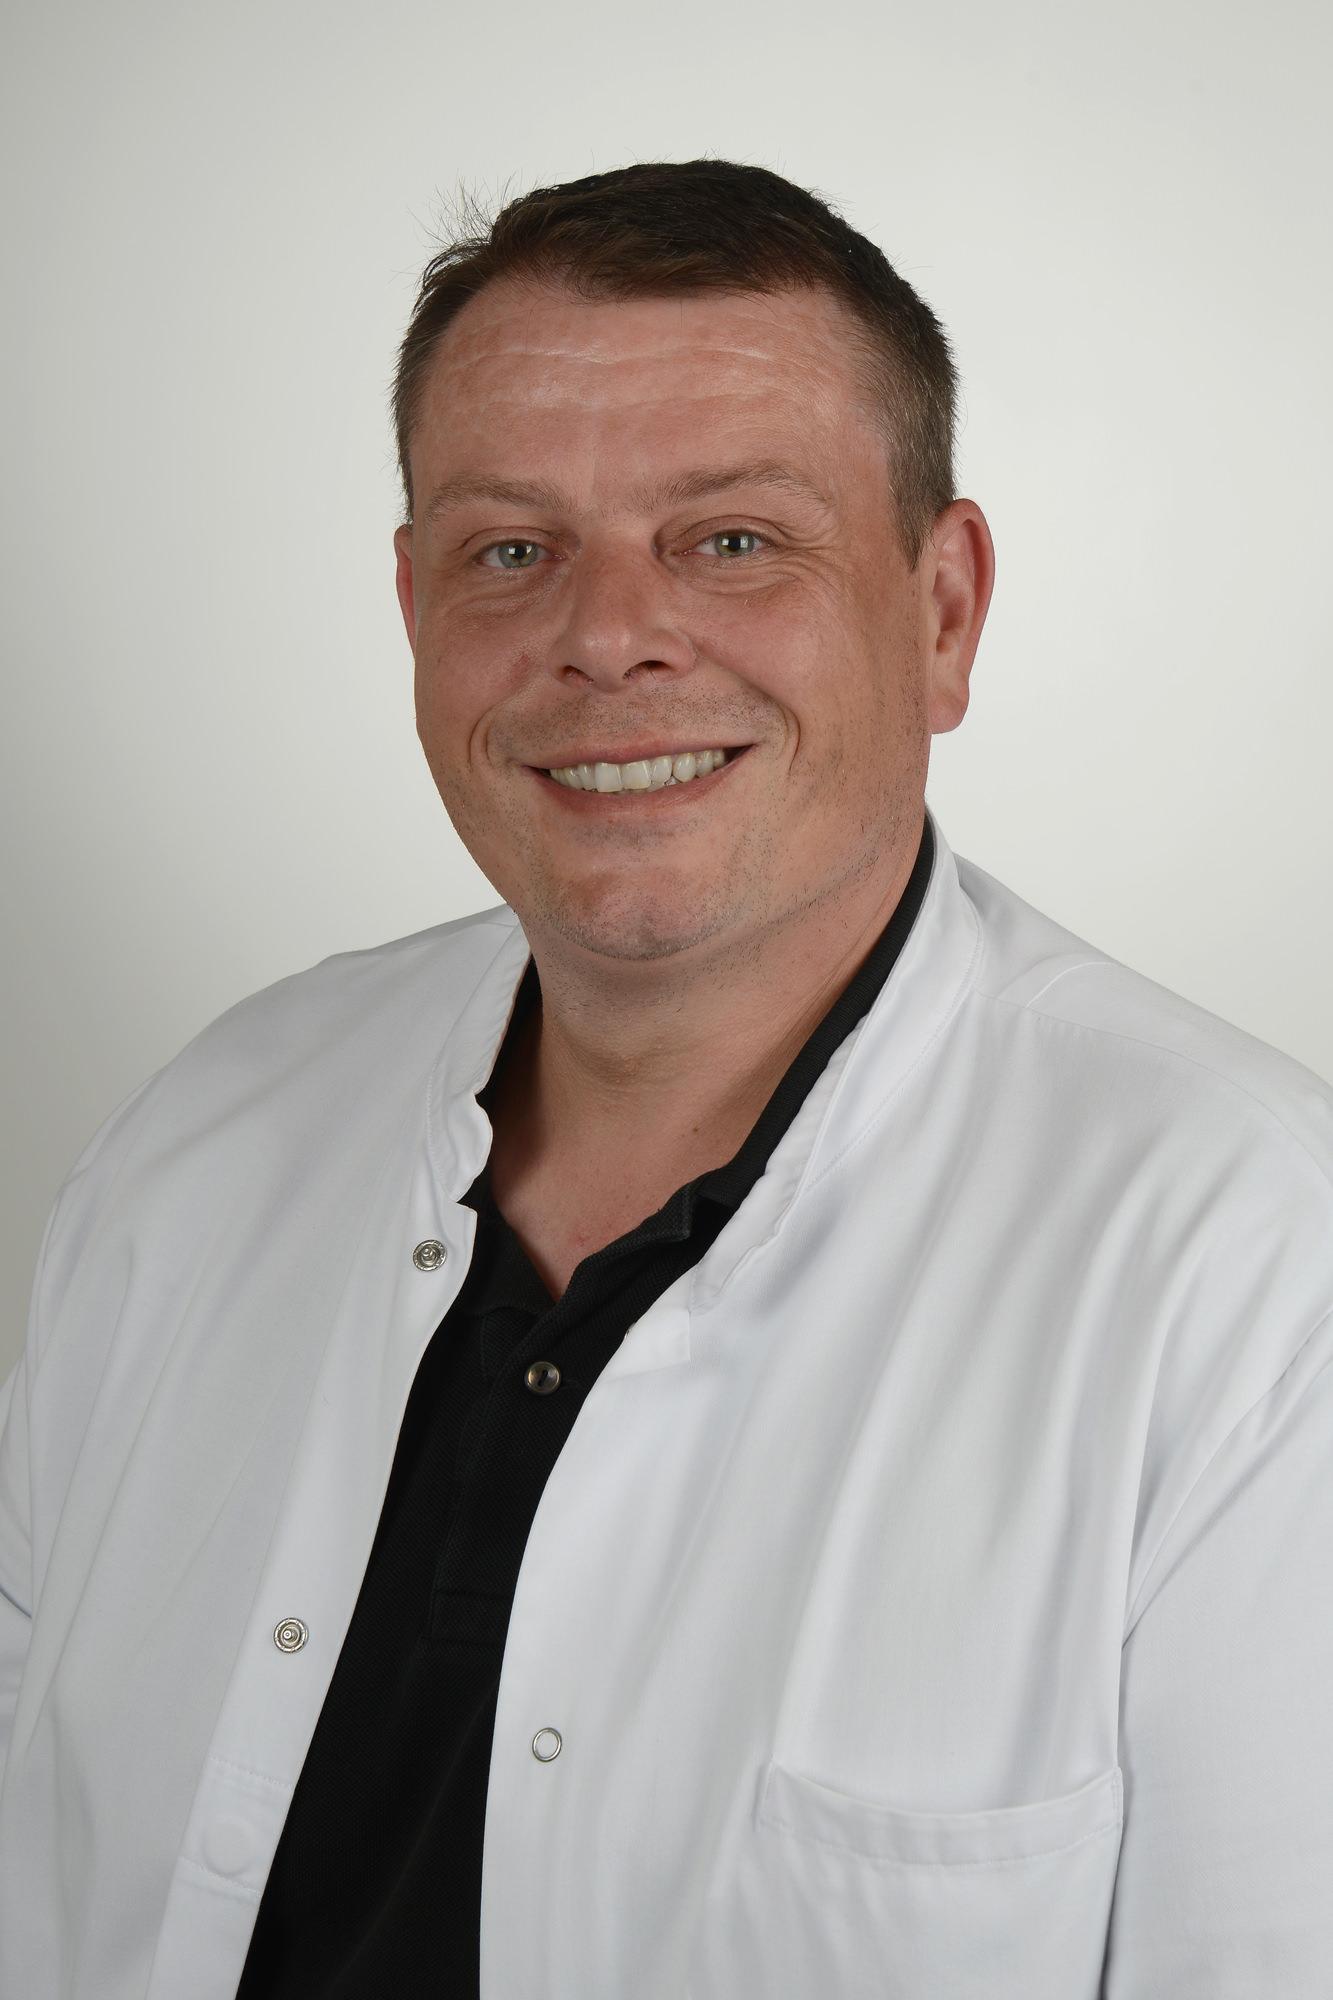 Dr. Kastenberger